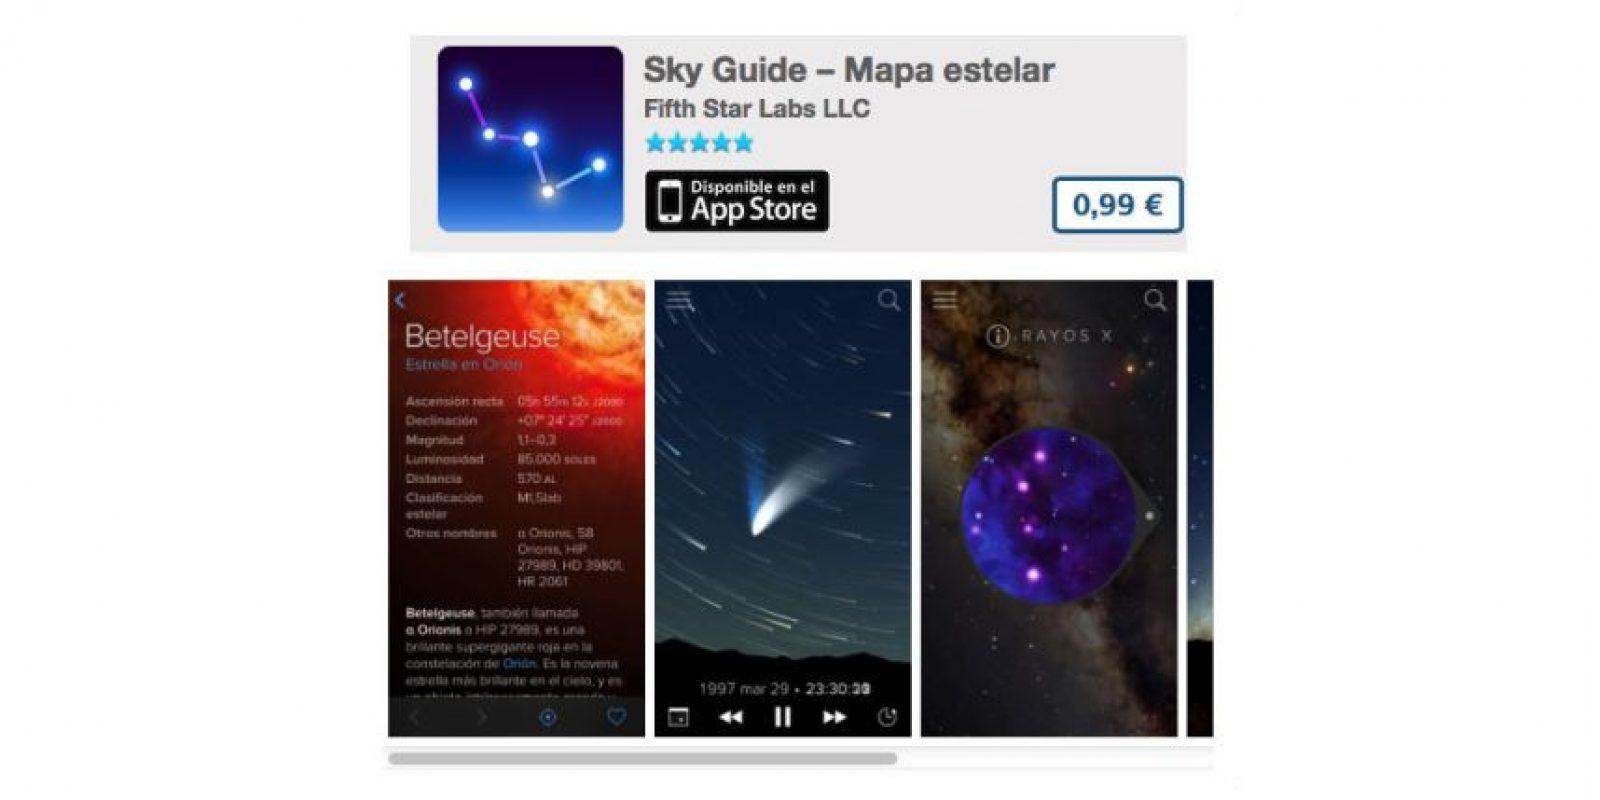 Sky Guide – Mapa estelar es la guía de constelaciones fácil de usar. Precio 1 dólar Foto:De Fifth Star Labs LLC